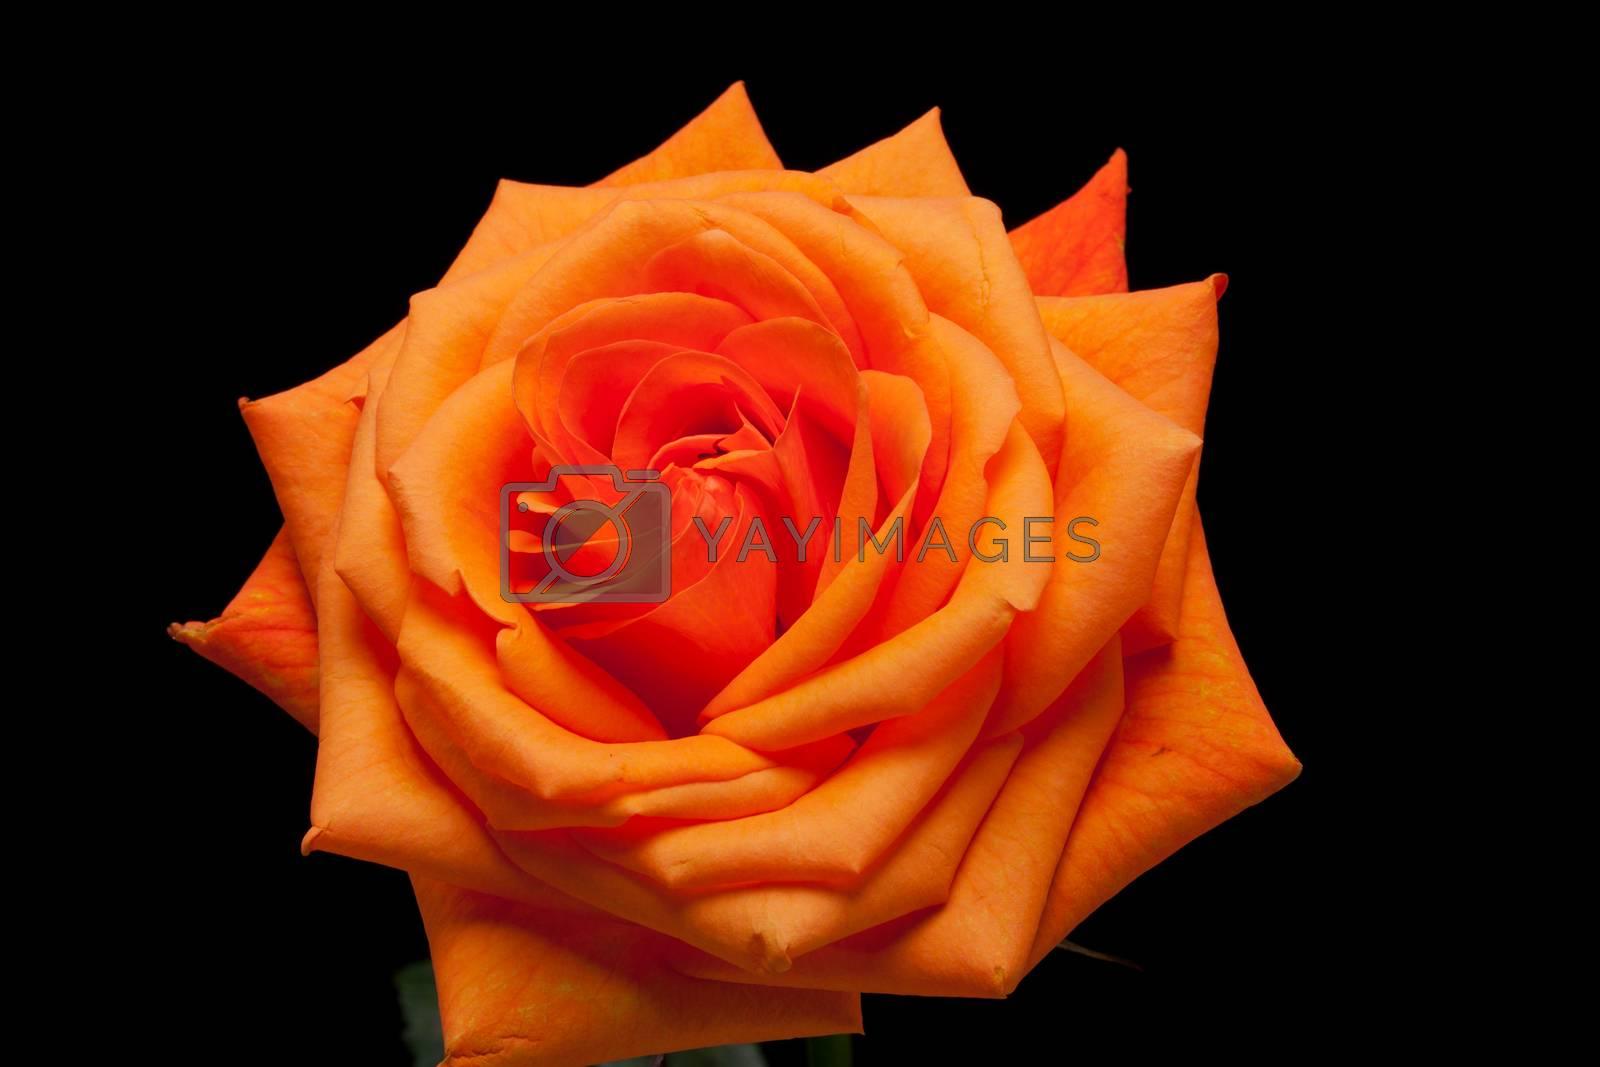 Close up image of single orange rose